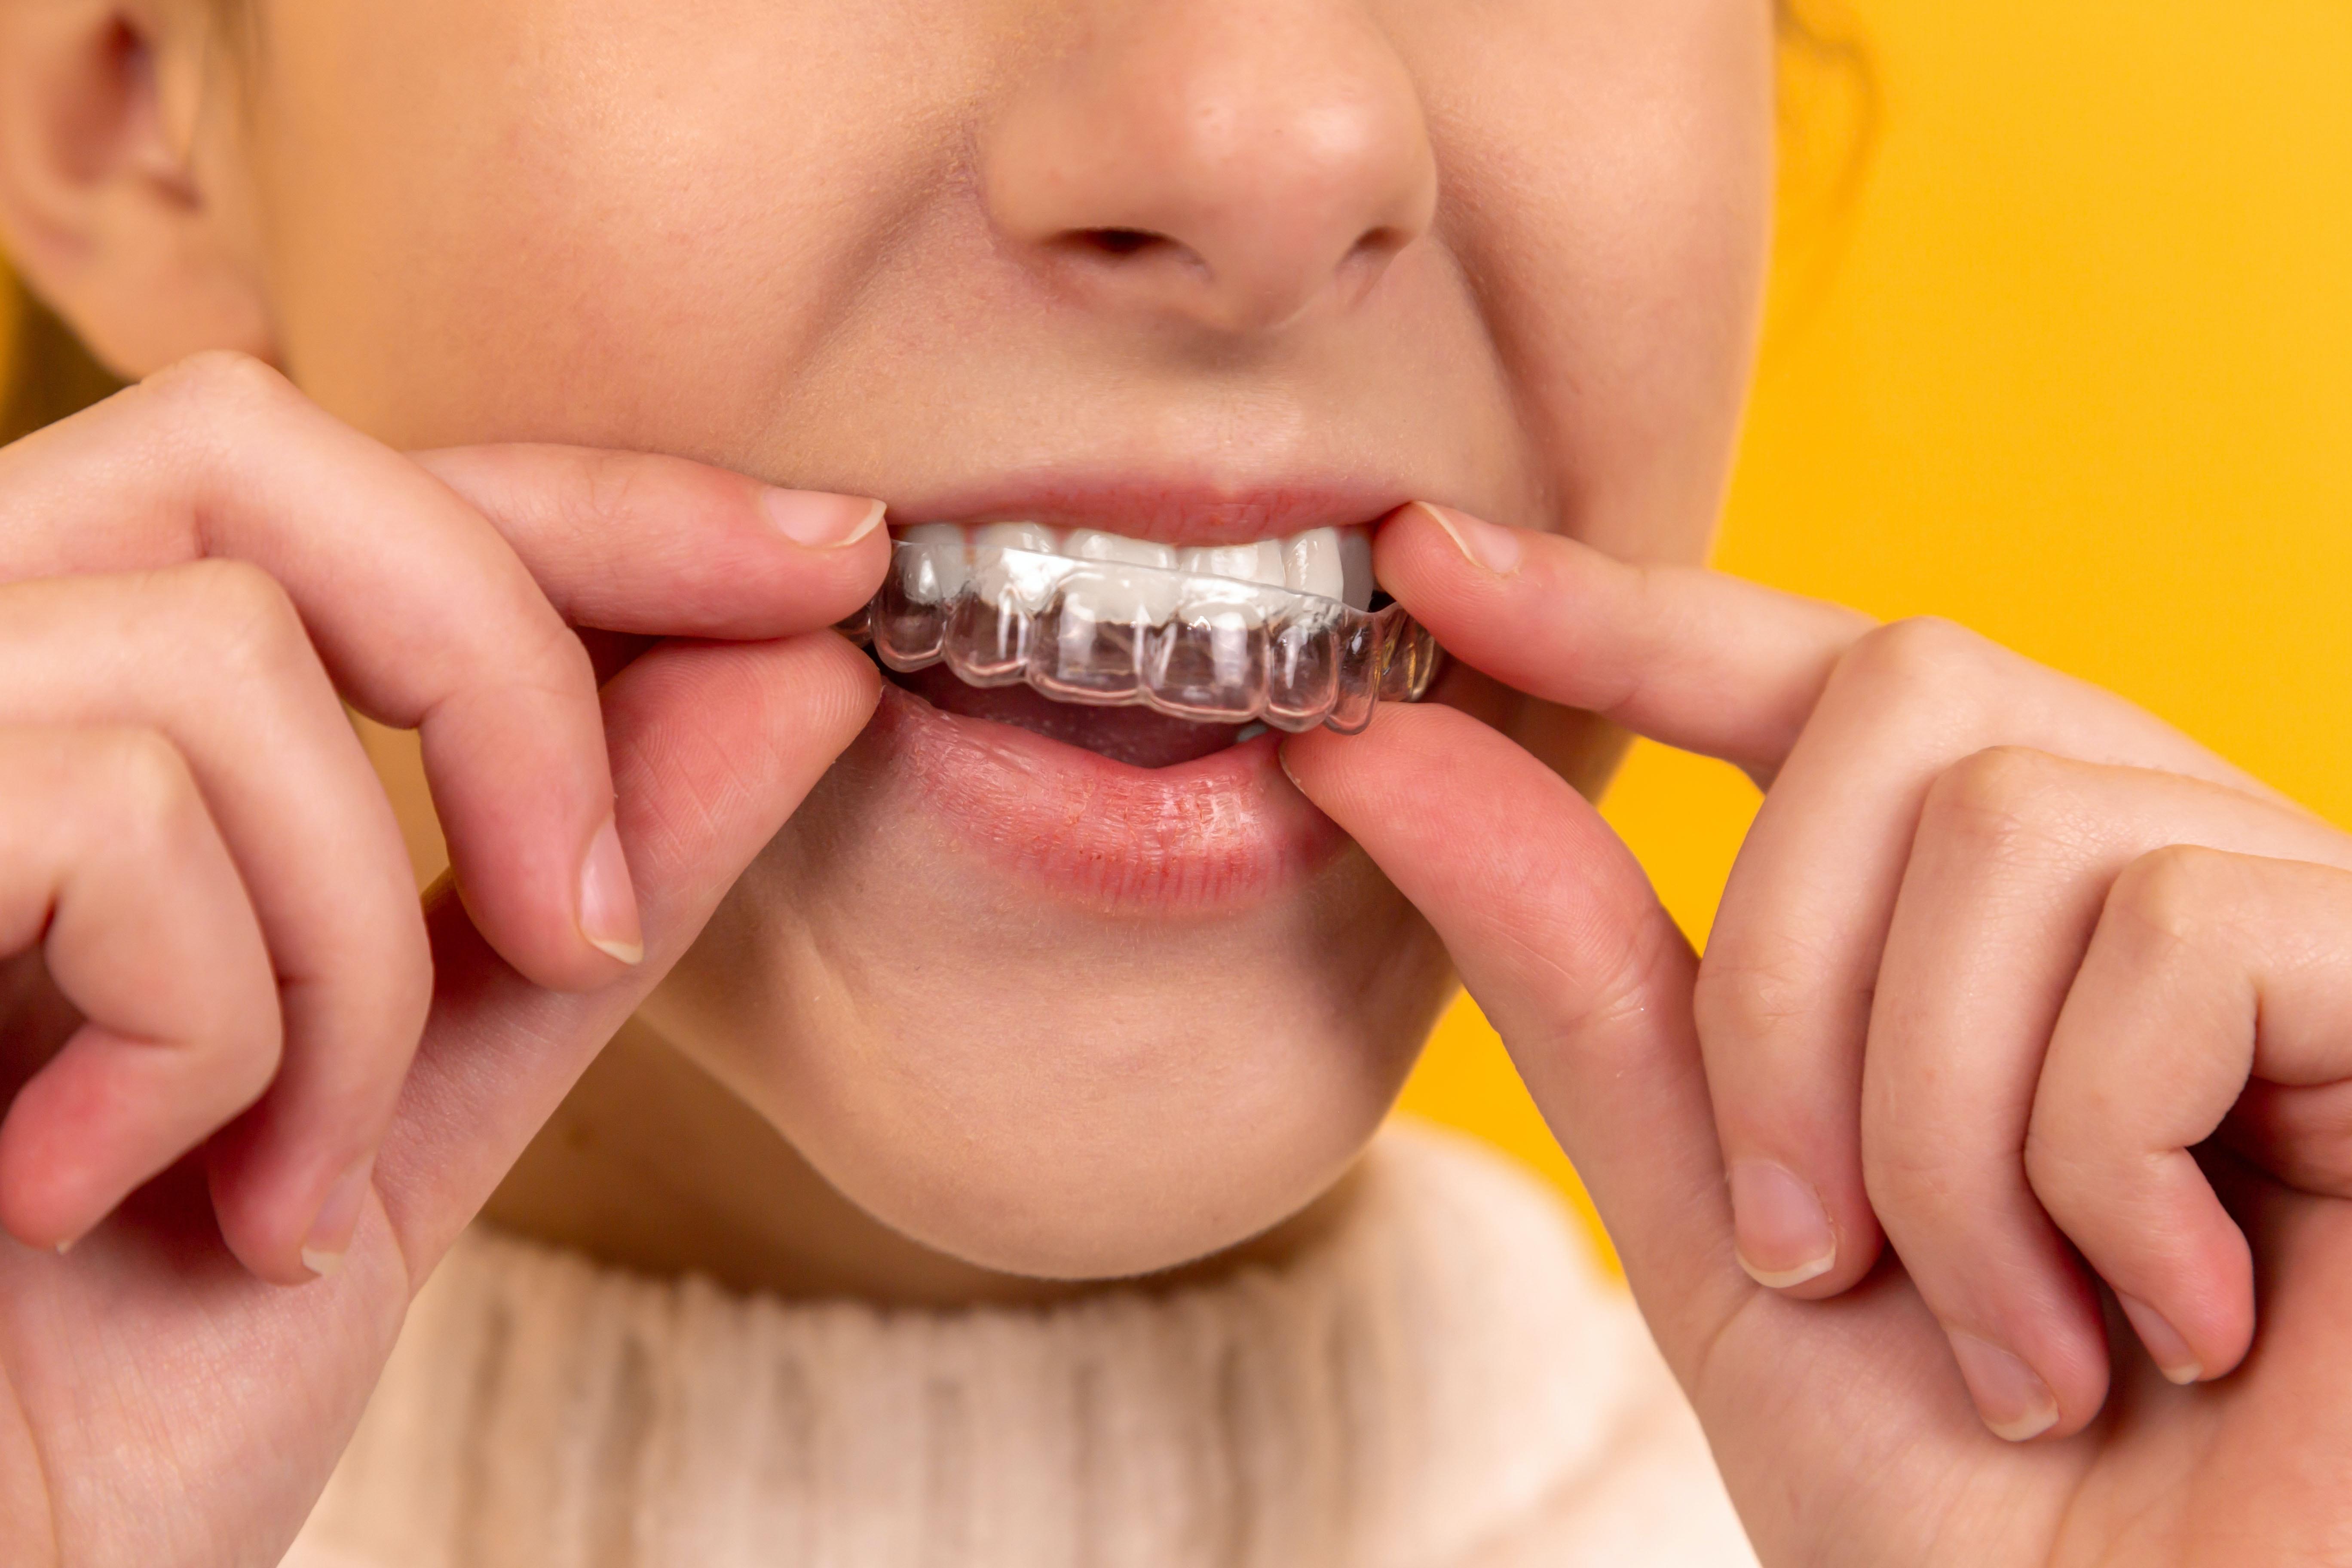 Dinții impactați. Cum se tratează aglomerarea dentară?